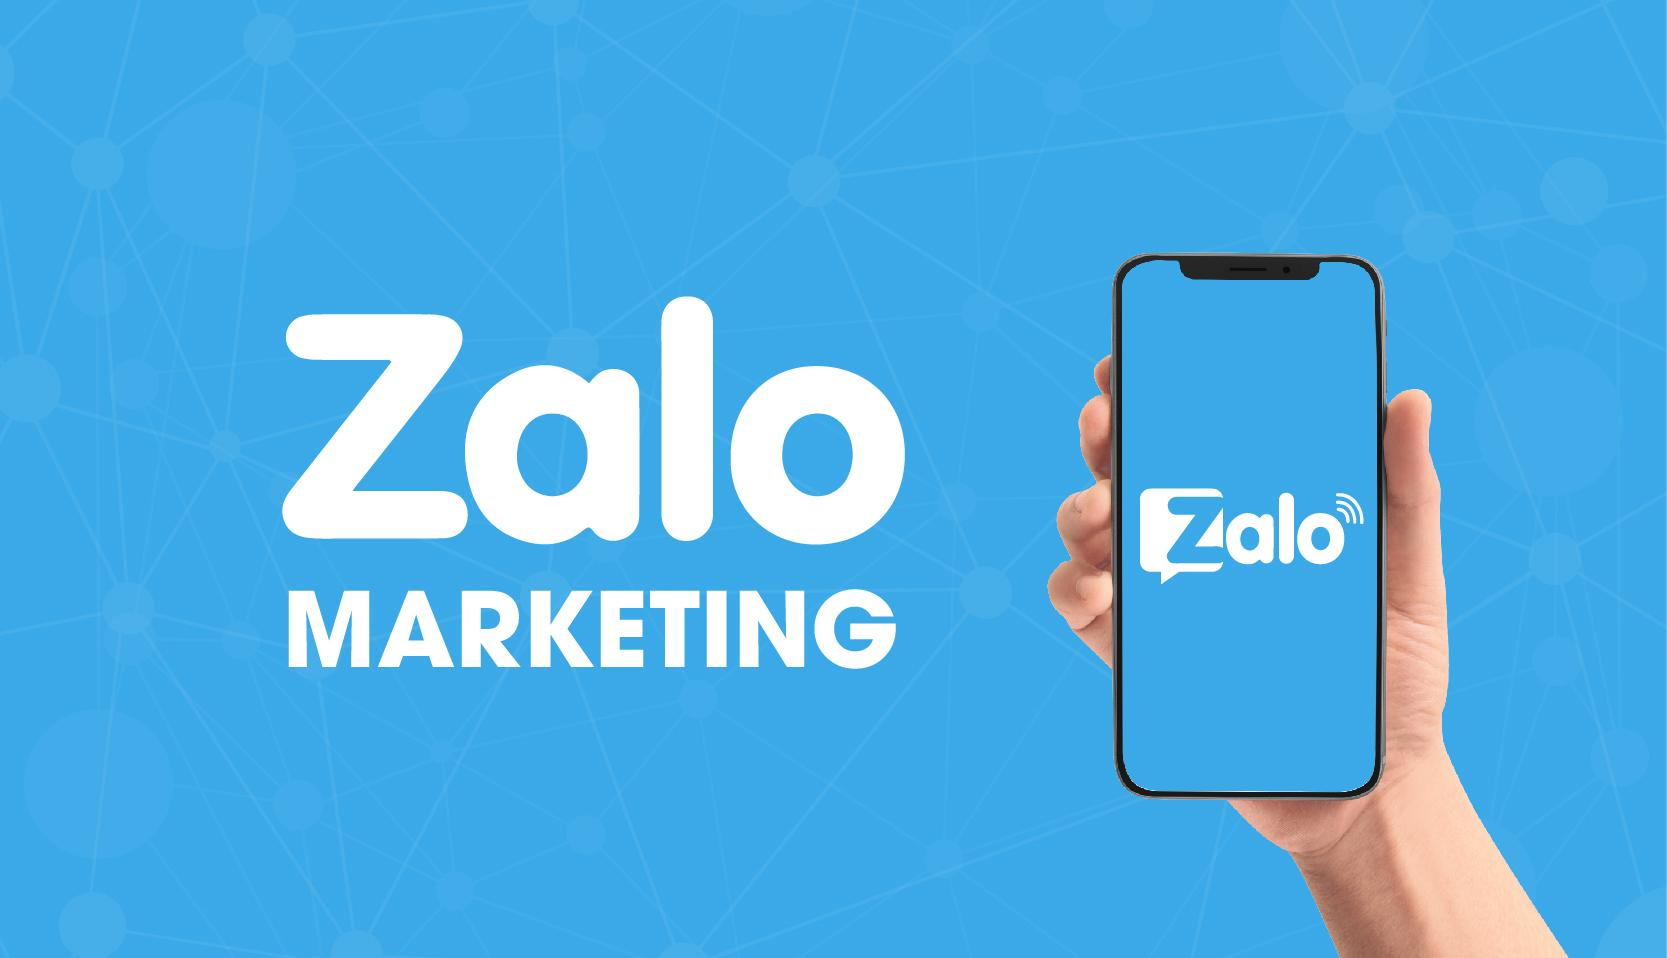 Zalo Marketing Là Làm Gì? Tại Sao Nên Làm Marketing Trên Zalo?